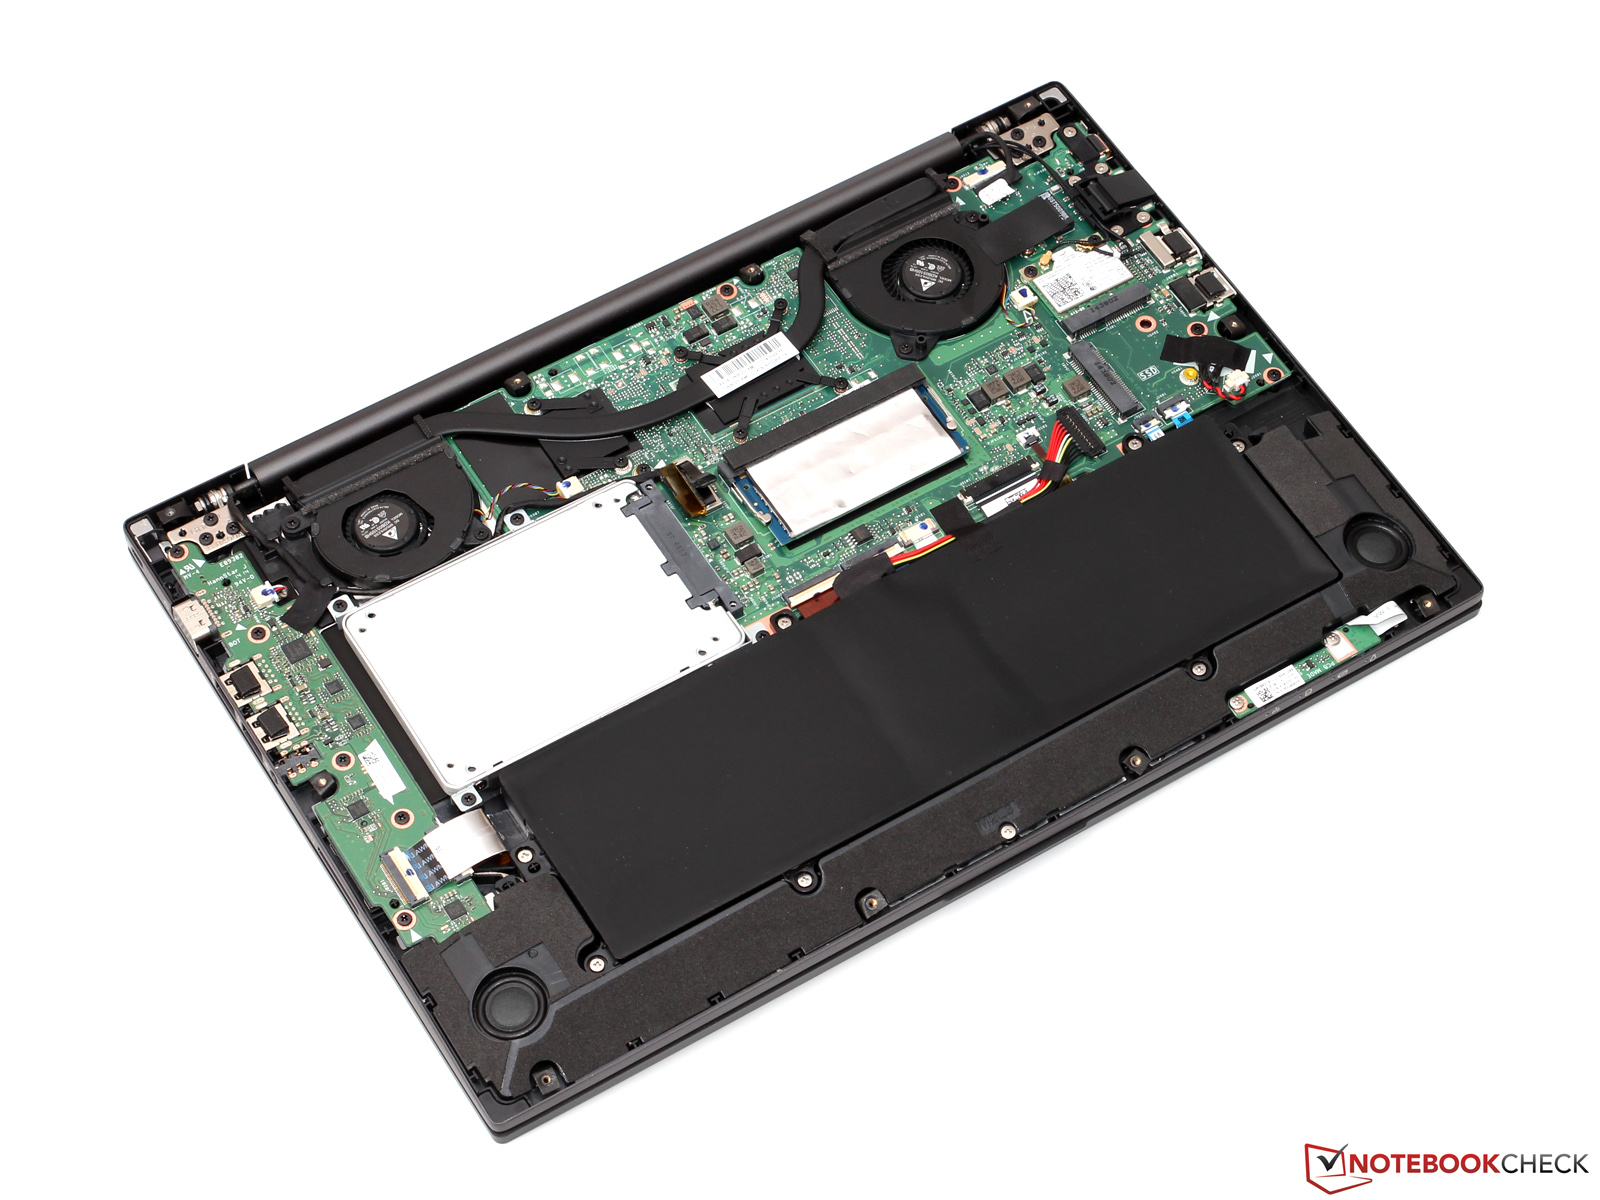 Jual Asus G750jx Laptop Keyboard Key Replacement Pro P2420sa P2430ua Wo0822d Black Test Asuspro Advanced Bu401la Cz020g Ultrabook